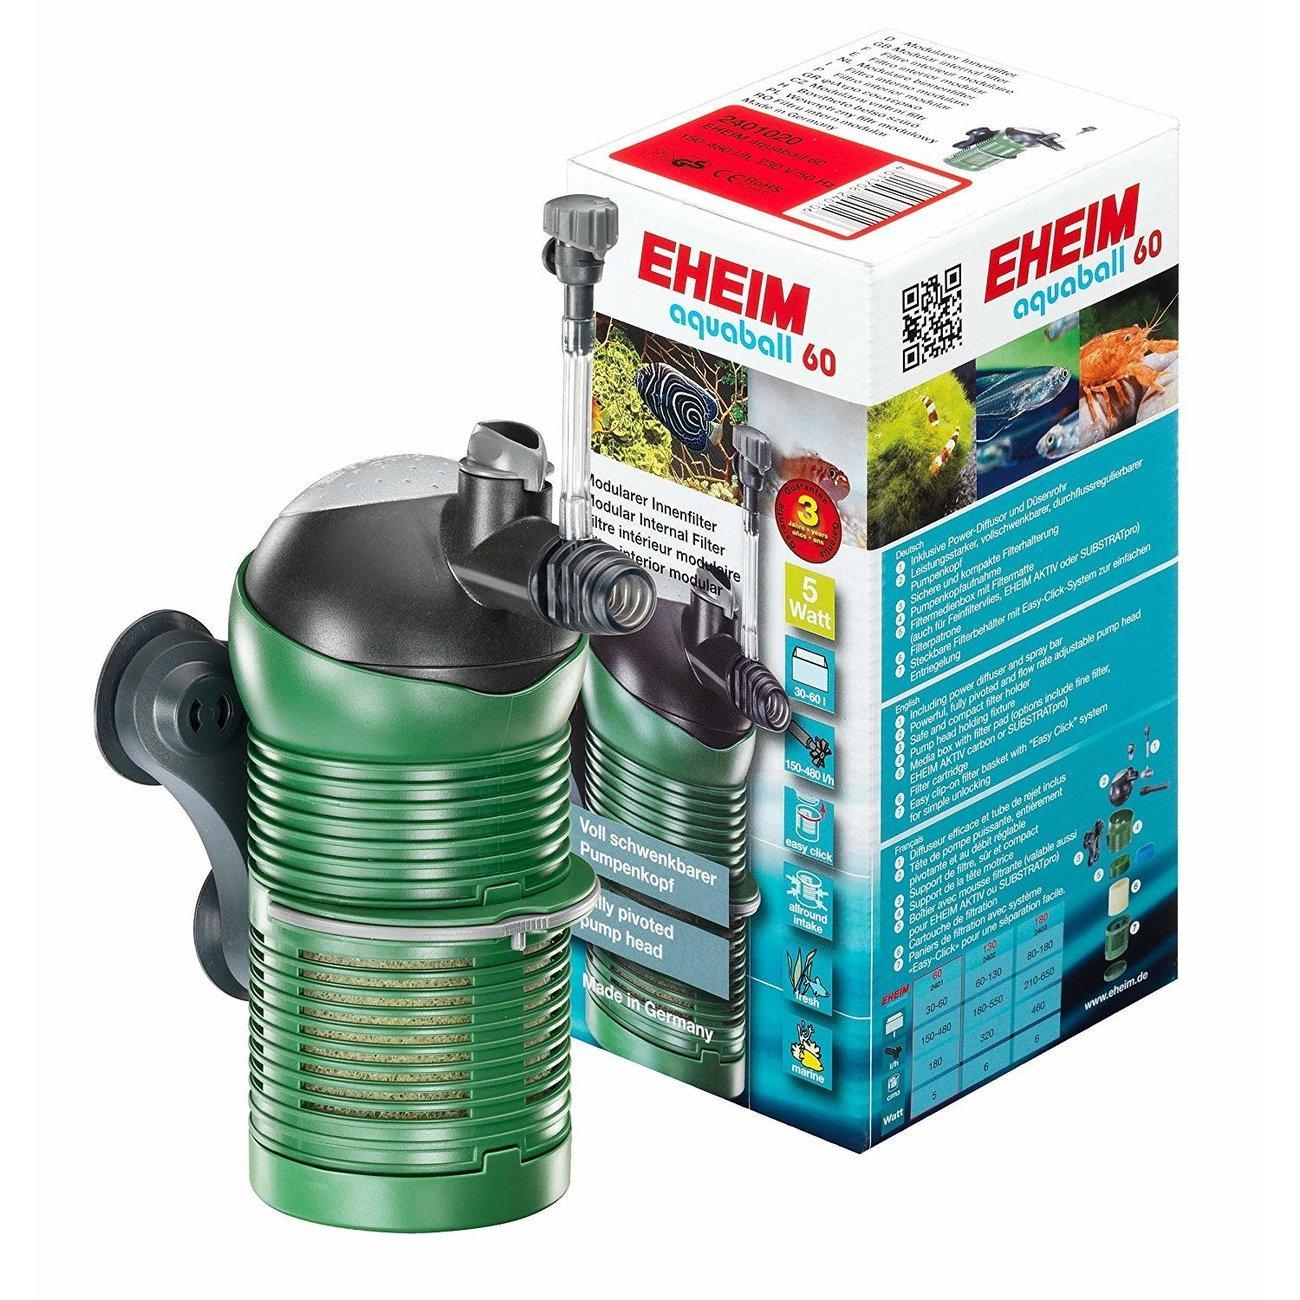 EHEIM aquaball Innenfilter für Aquarium, aquaball 60, 30-60l